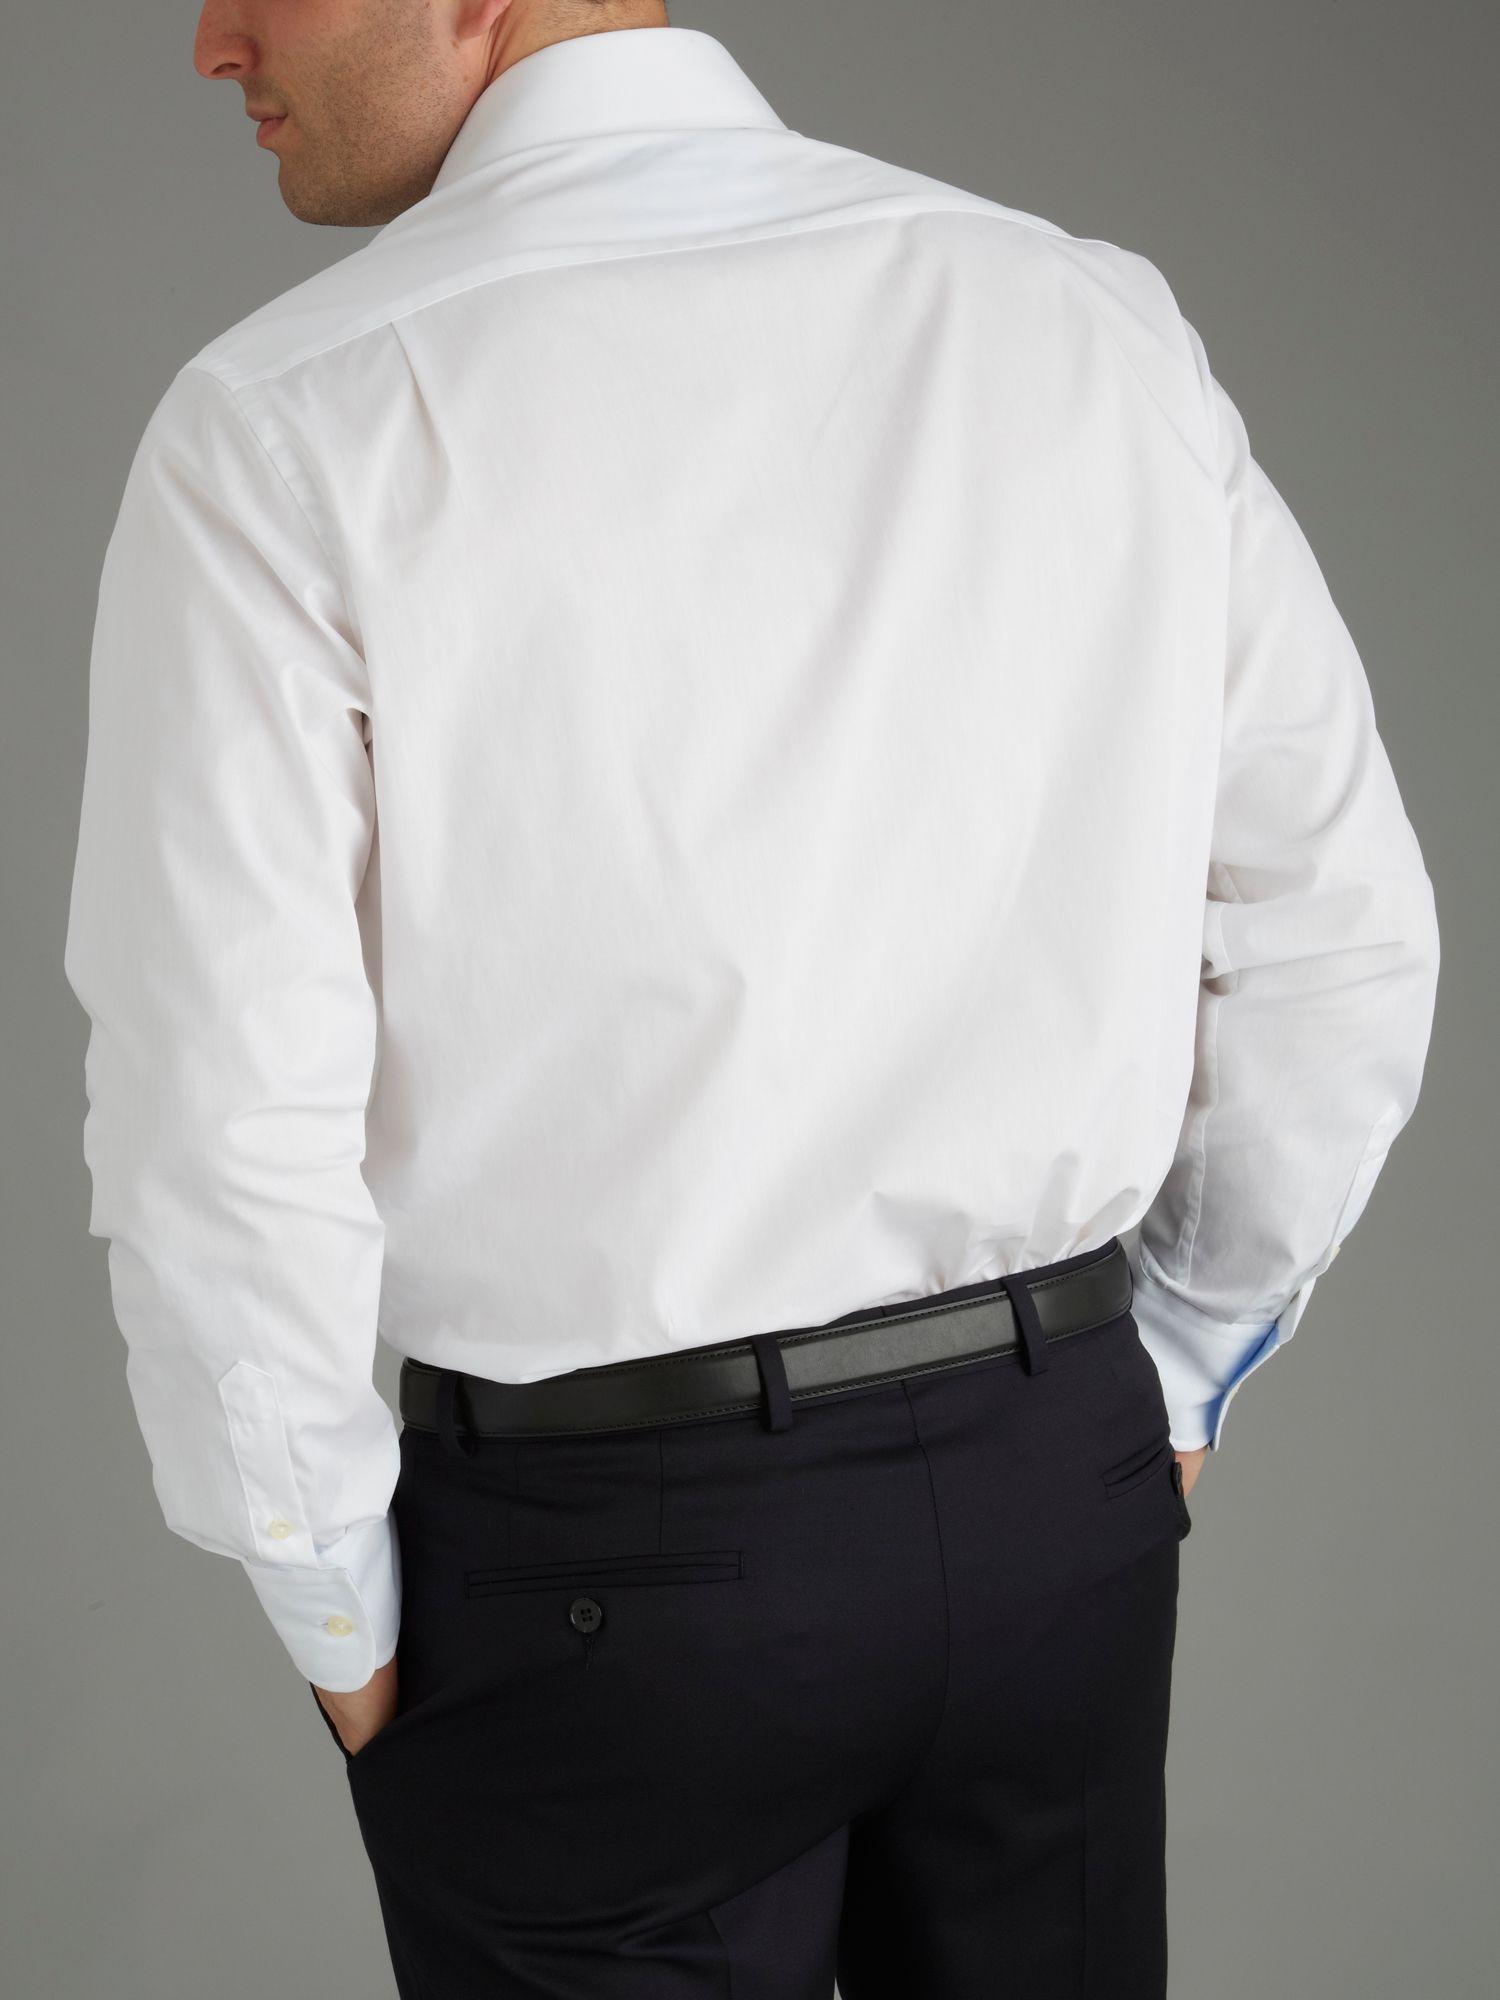 B 228 Umler White Poplin Shirt In White For Men Lyst